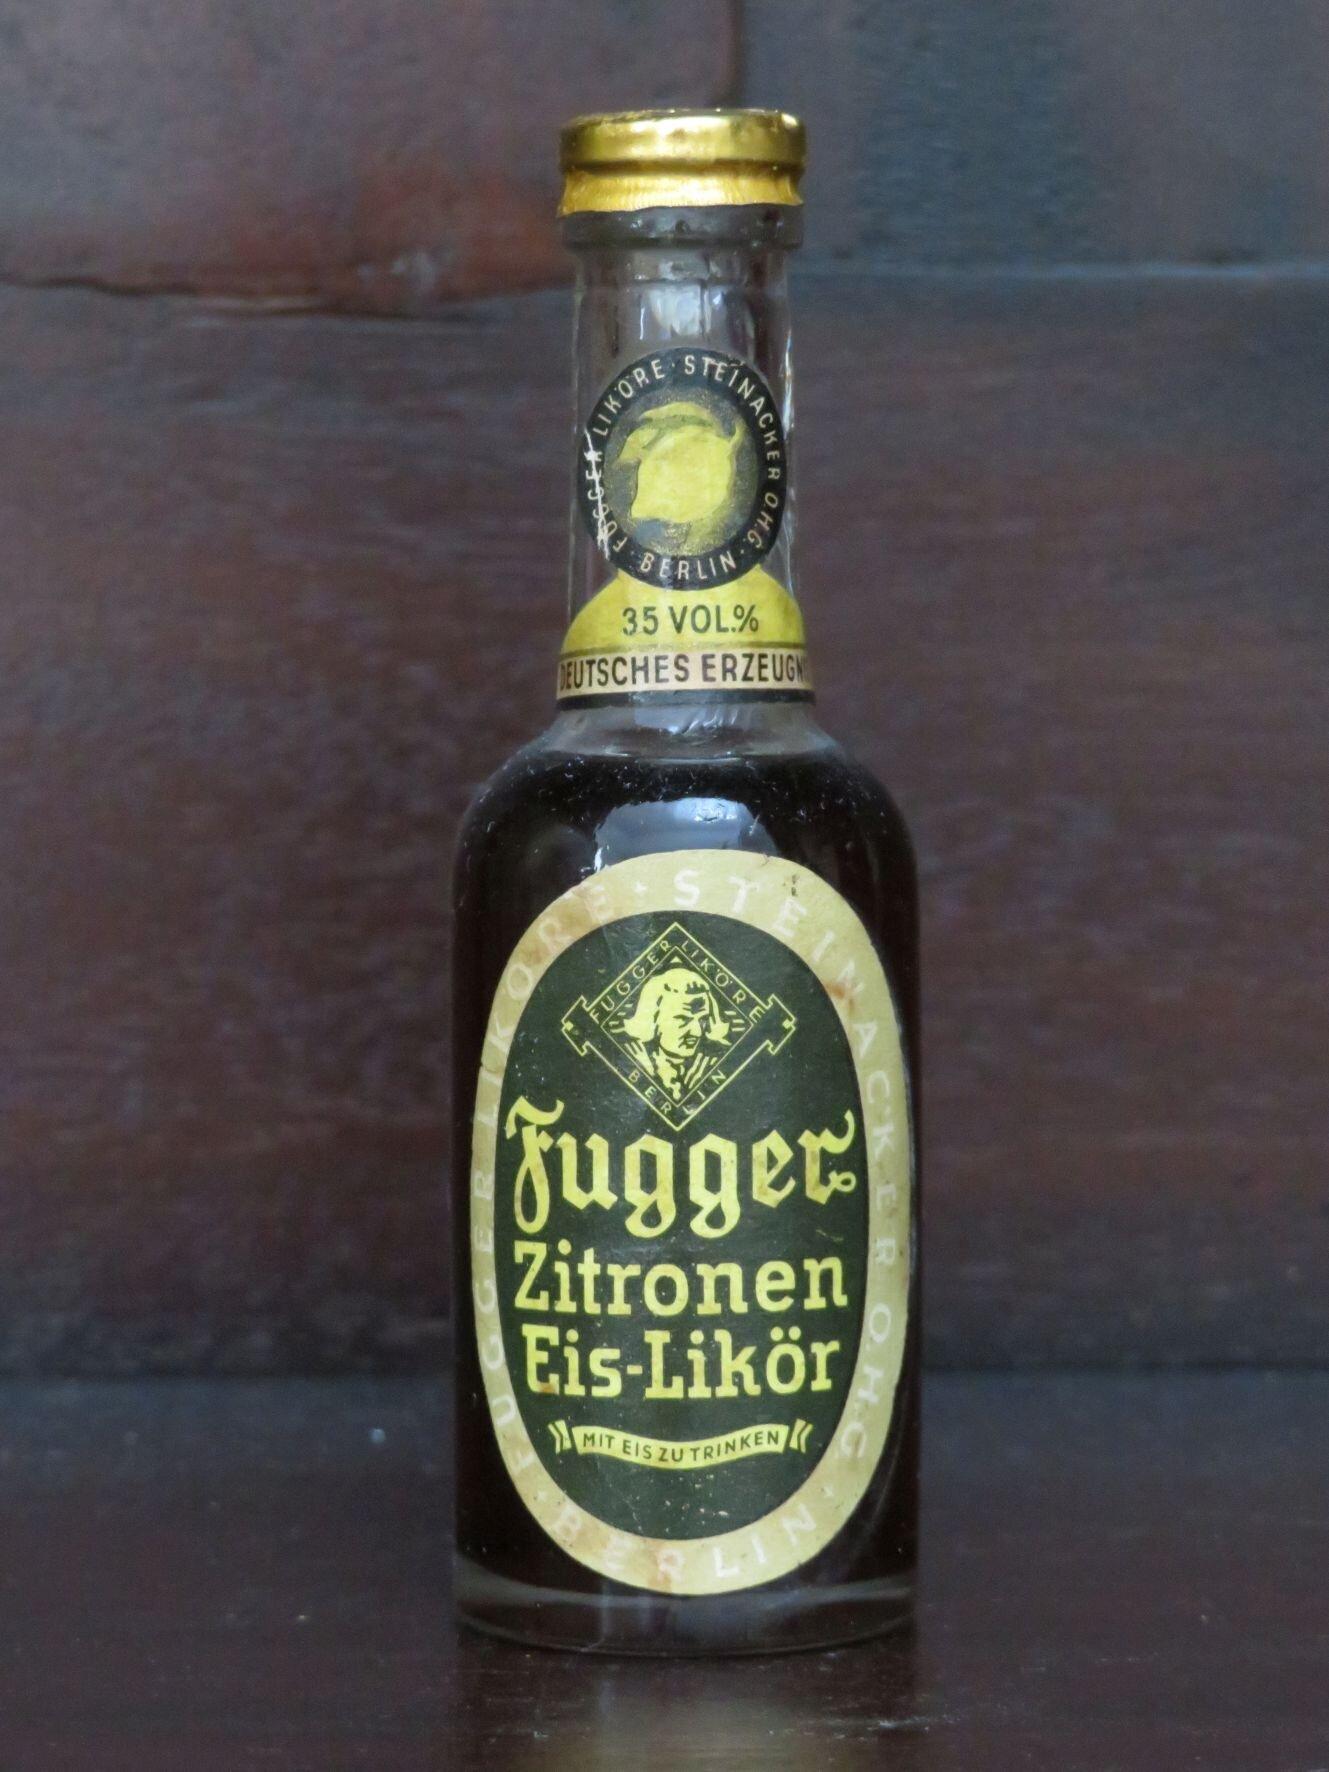 Fugger Zitronen, ©Stephan Becker, Brüssow